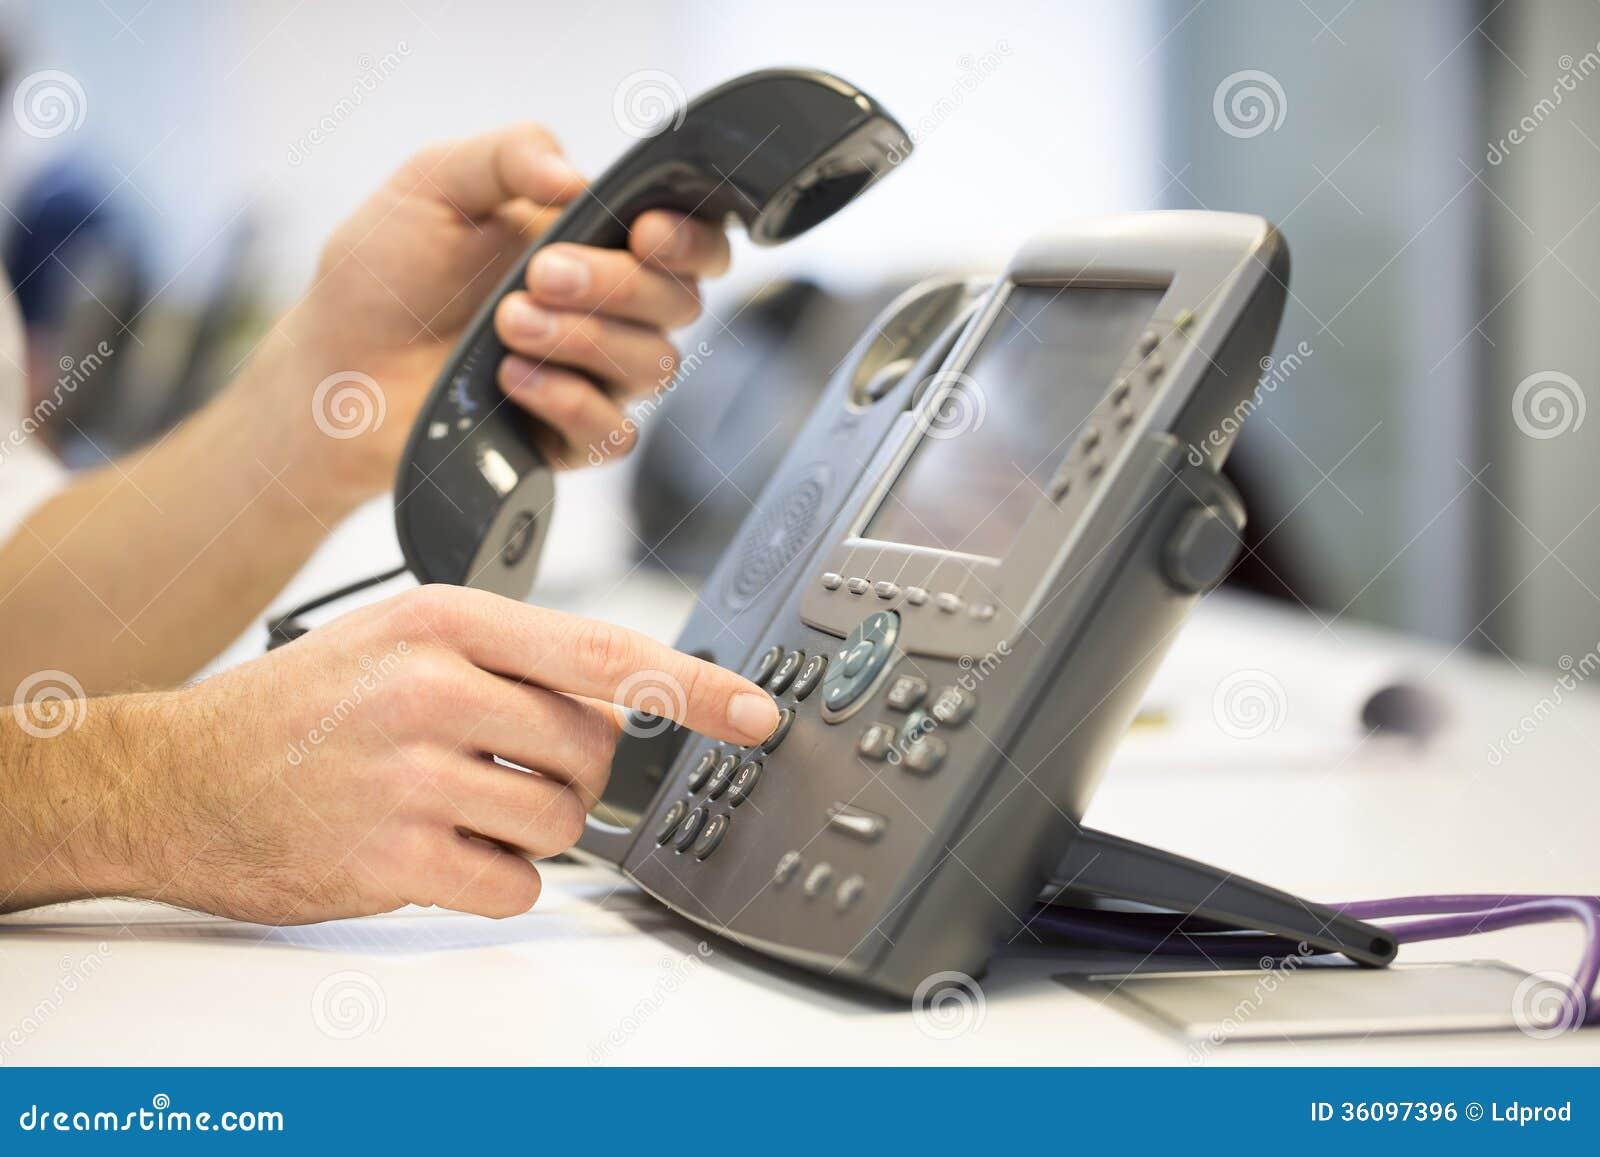 La mano del hombre est marcando un n mero de tel fono for Telefono de la oficina